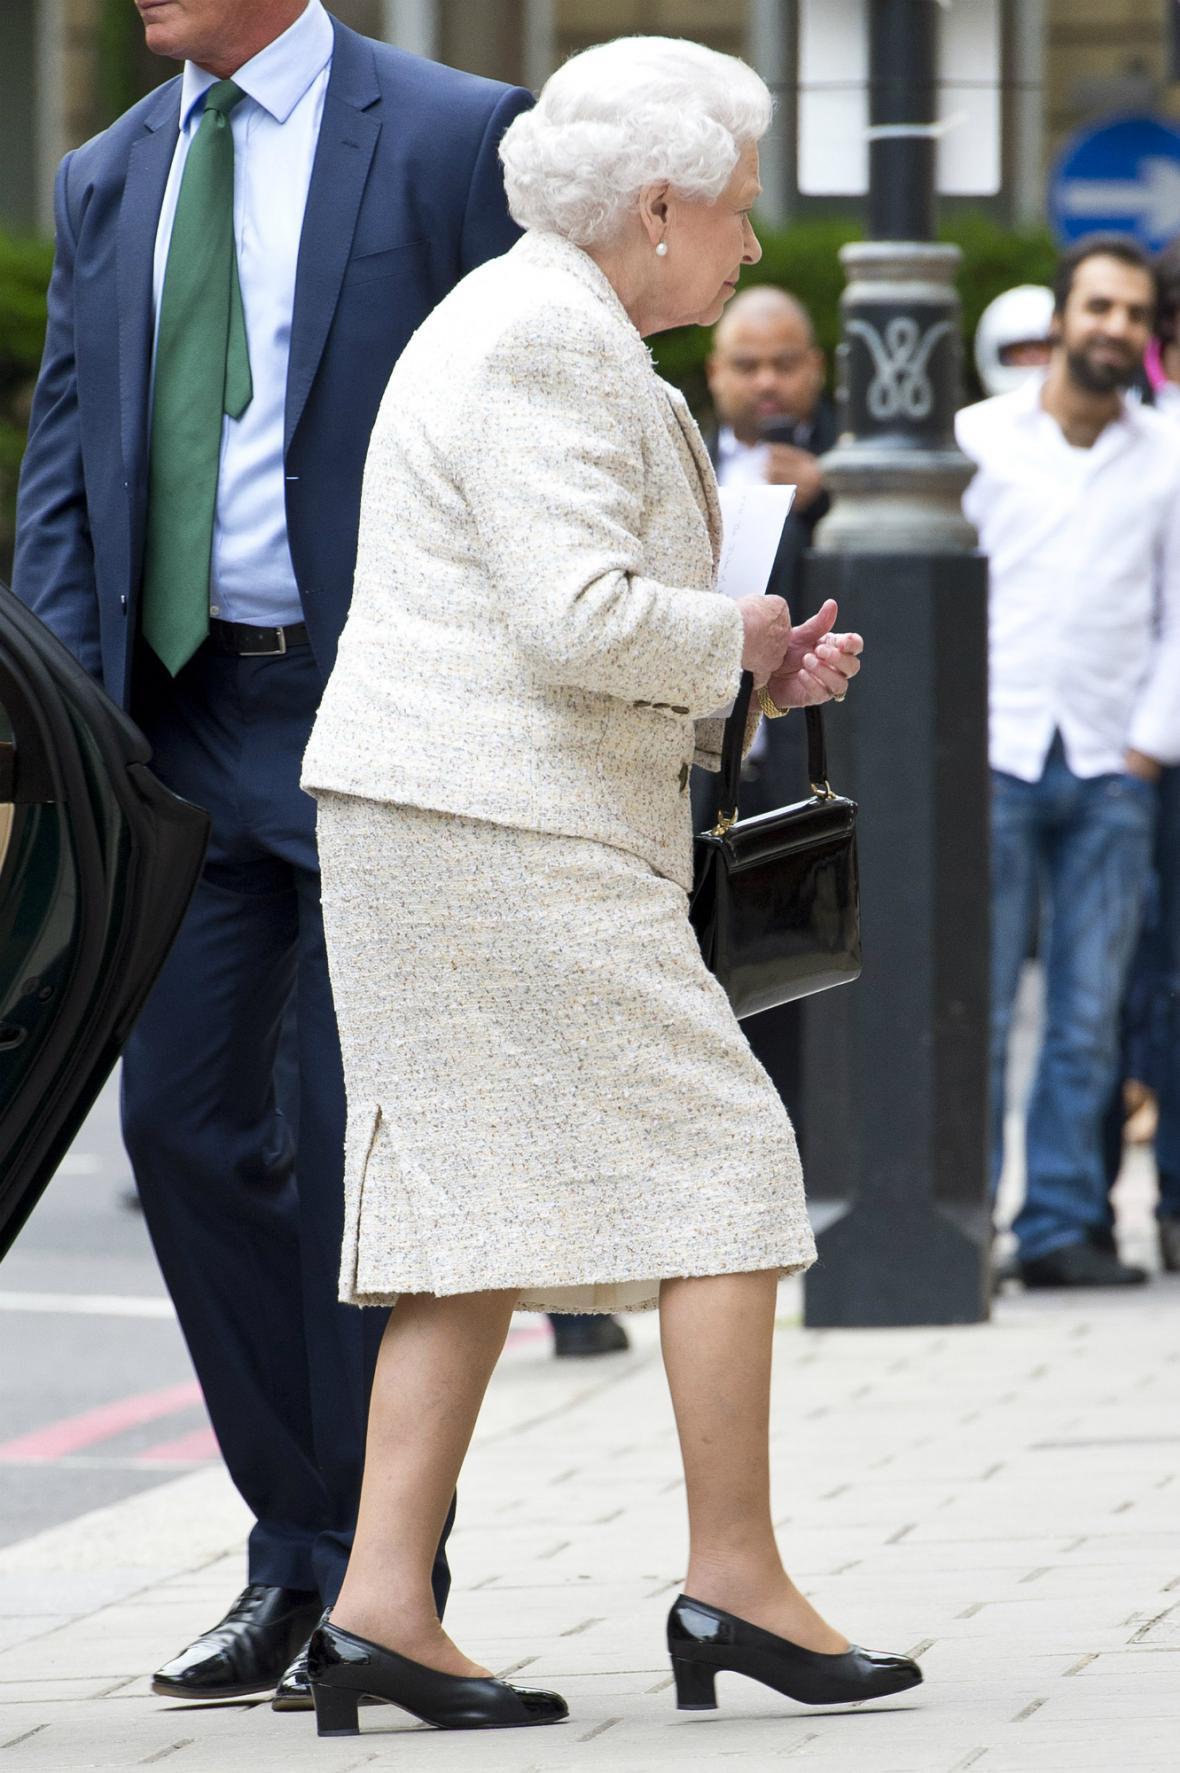 Královna přijela navštívit do nemocnice prince Philipa